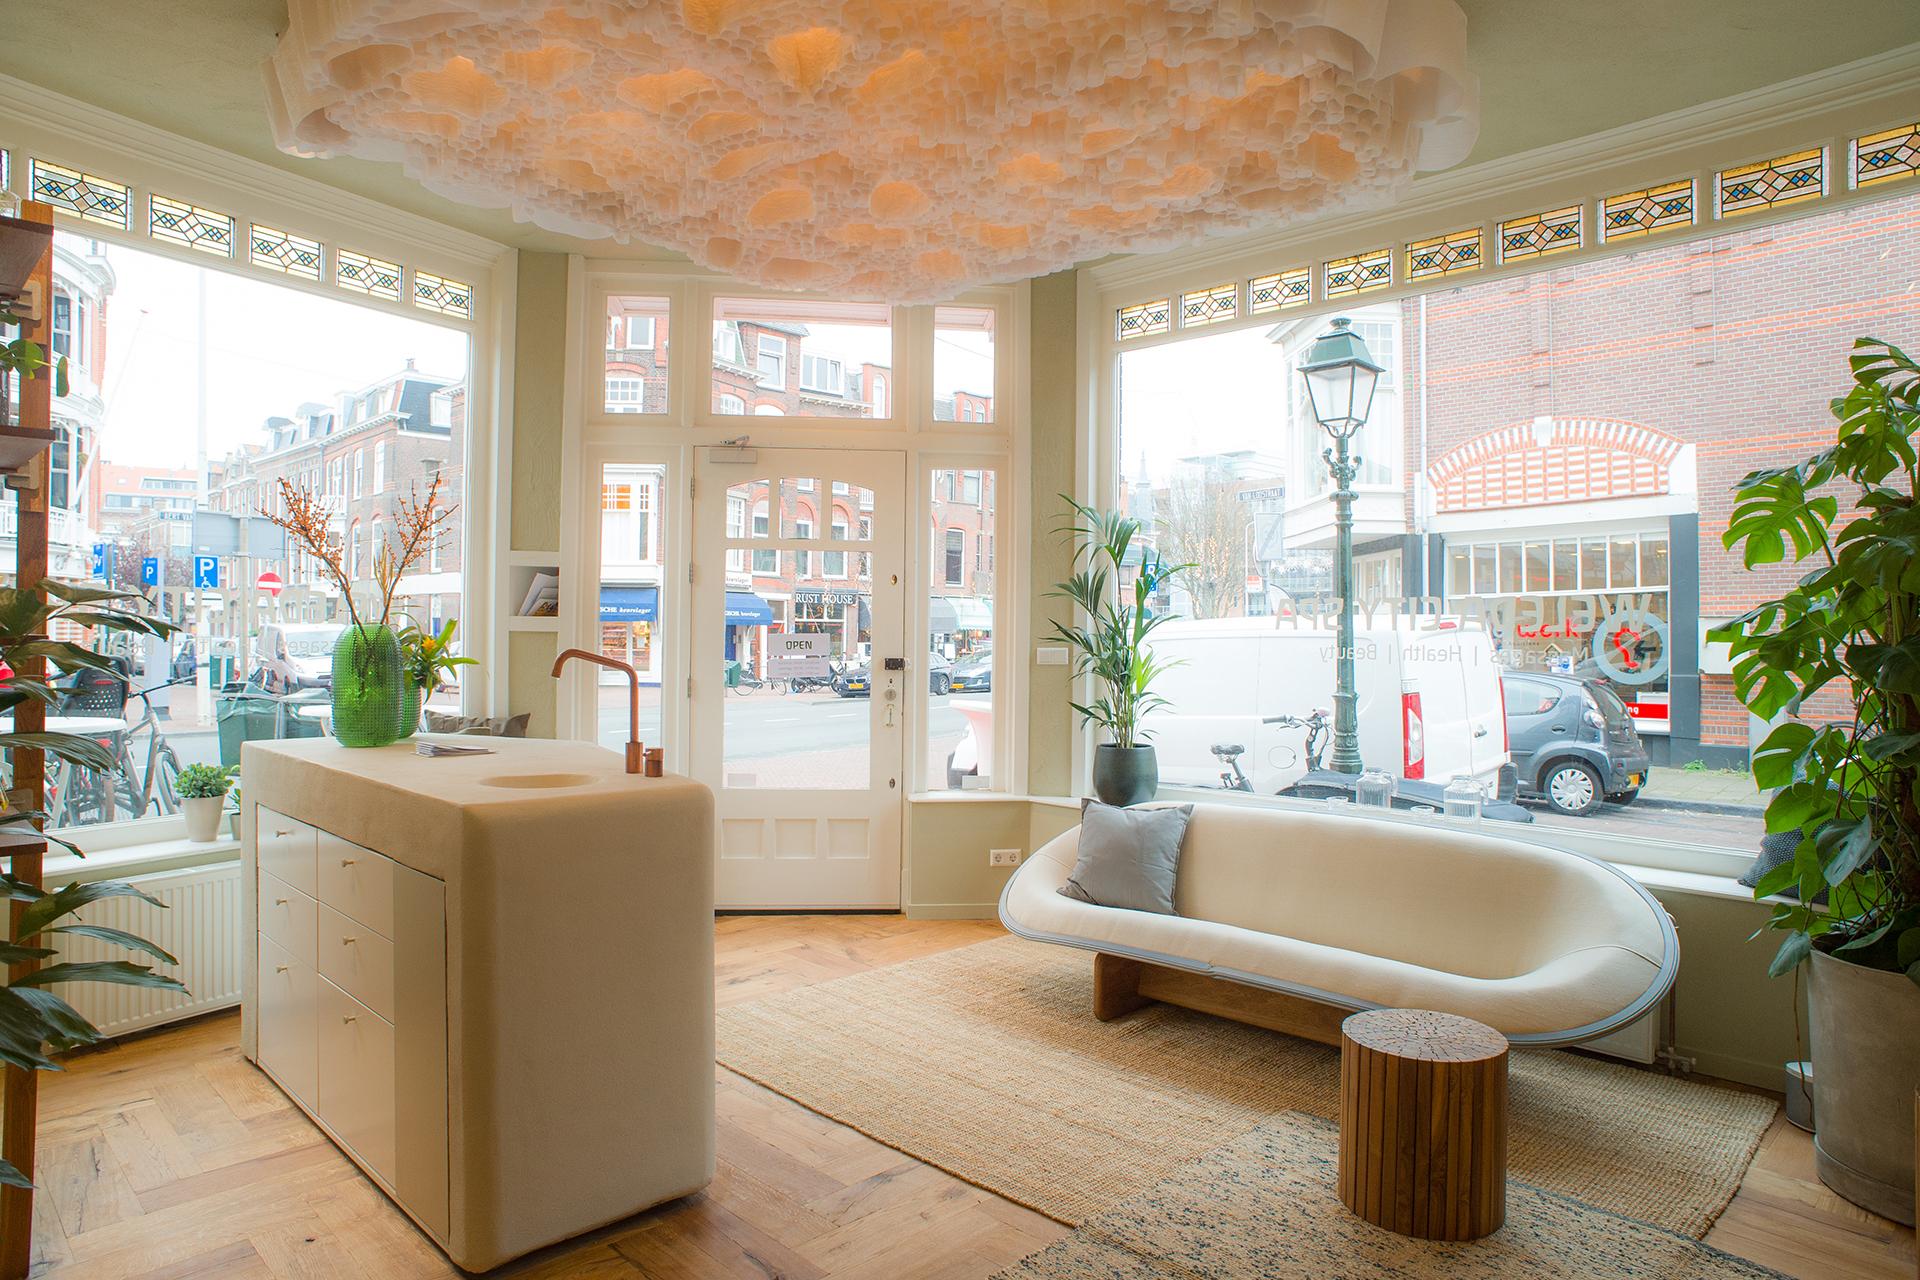 Die Weleda Spas sind zentral gelegen und bieten eine Auszeit inmitten des urbanen Rummels (im Bild: Den Haag)